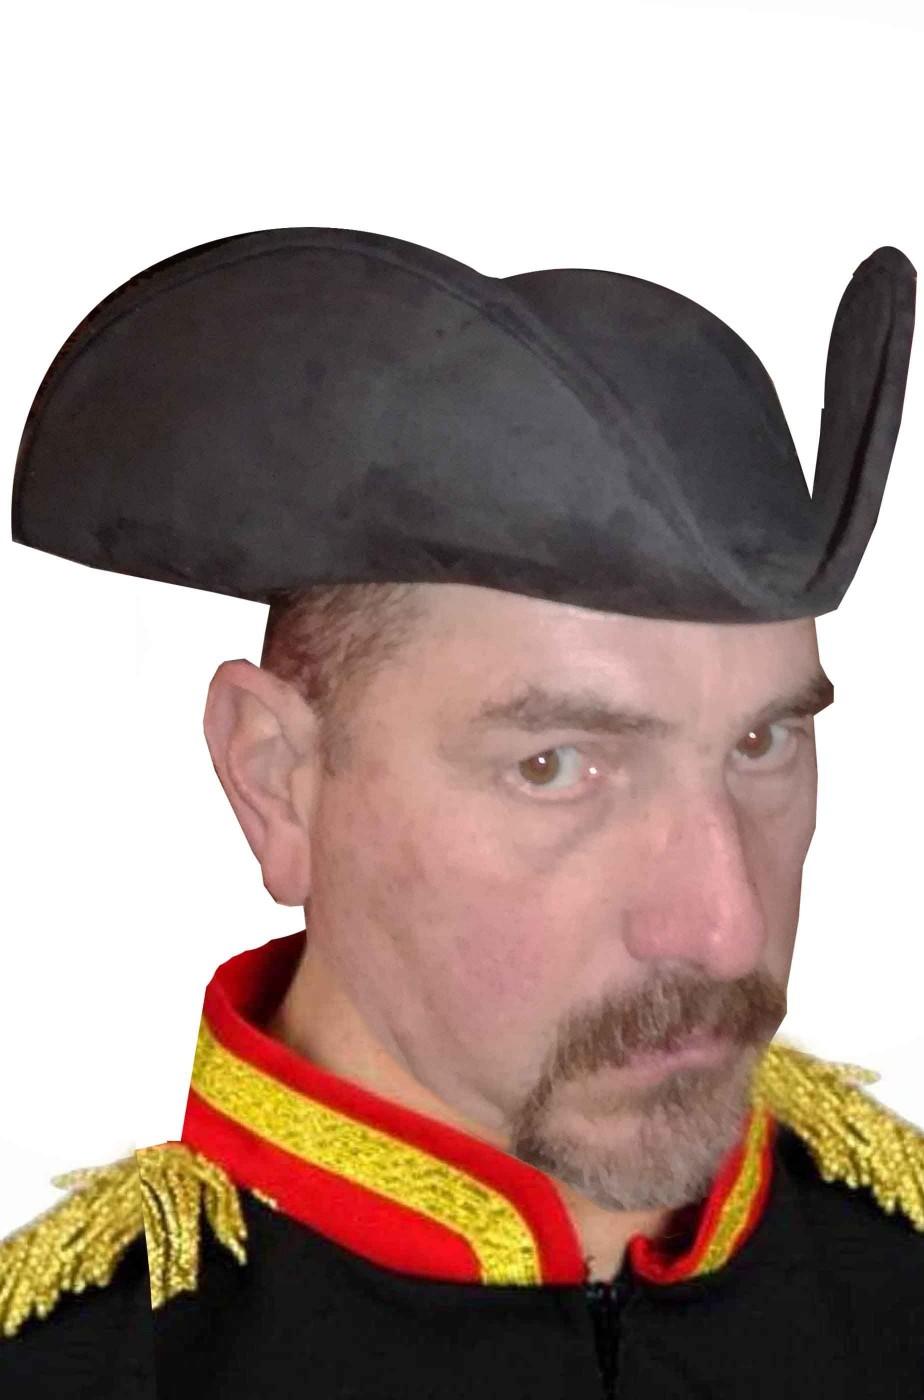 outlet migliore vendita prezzo base Cappello di carnevale tricorno da pirata a o barocco veneziano a forma di  tricorno